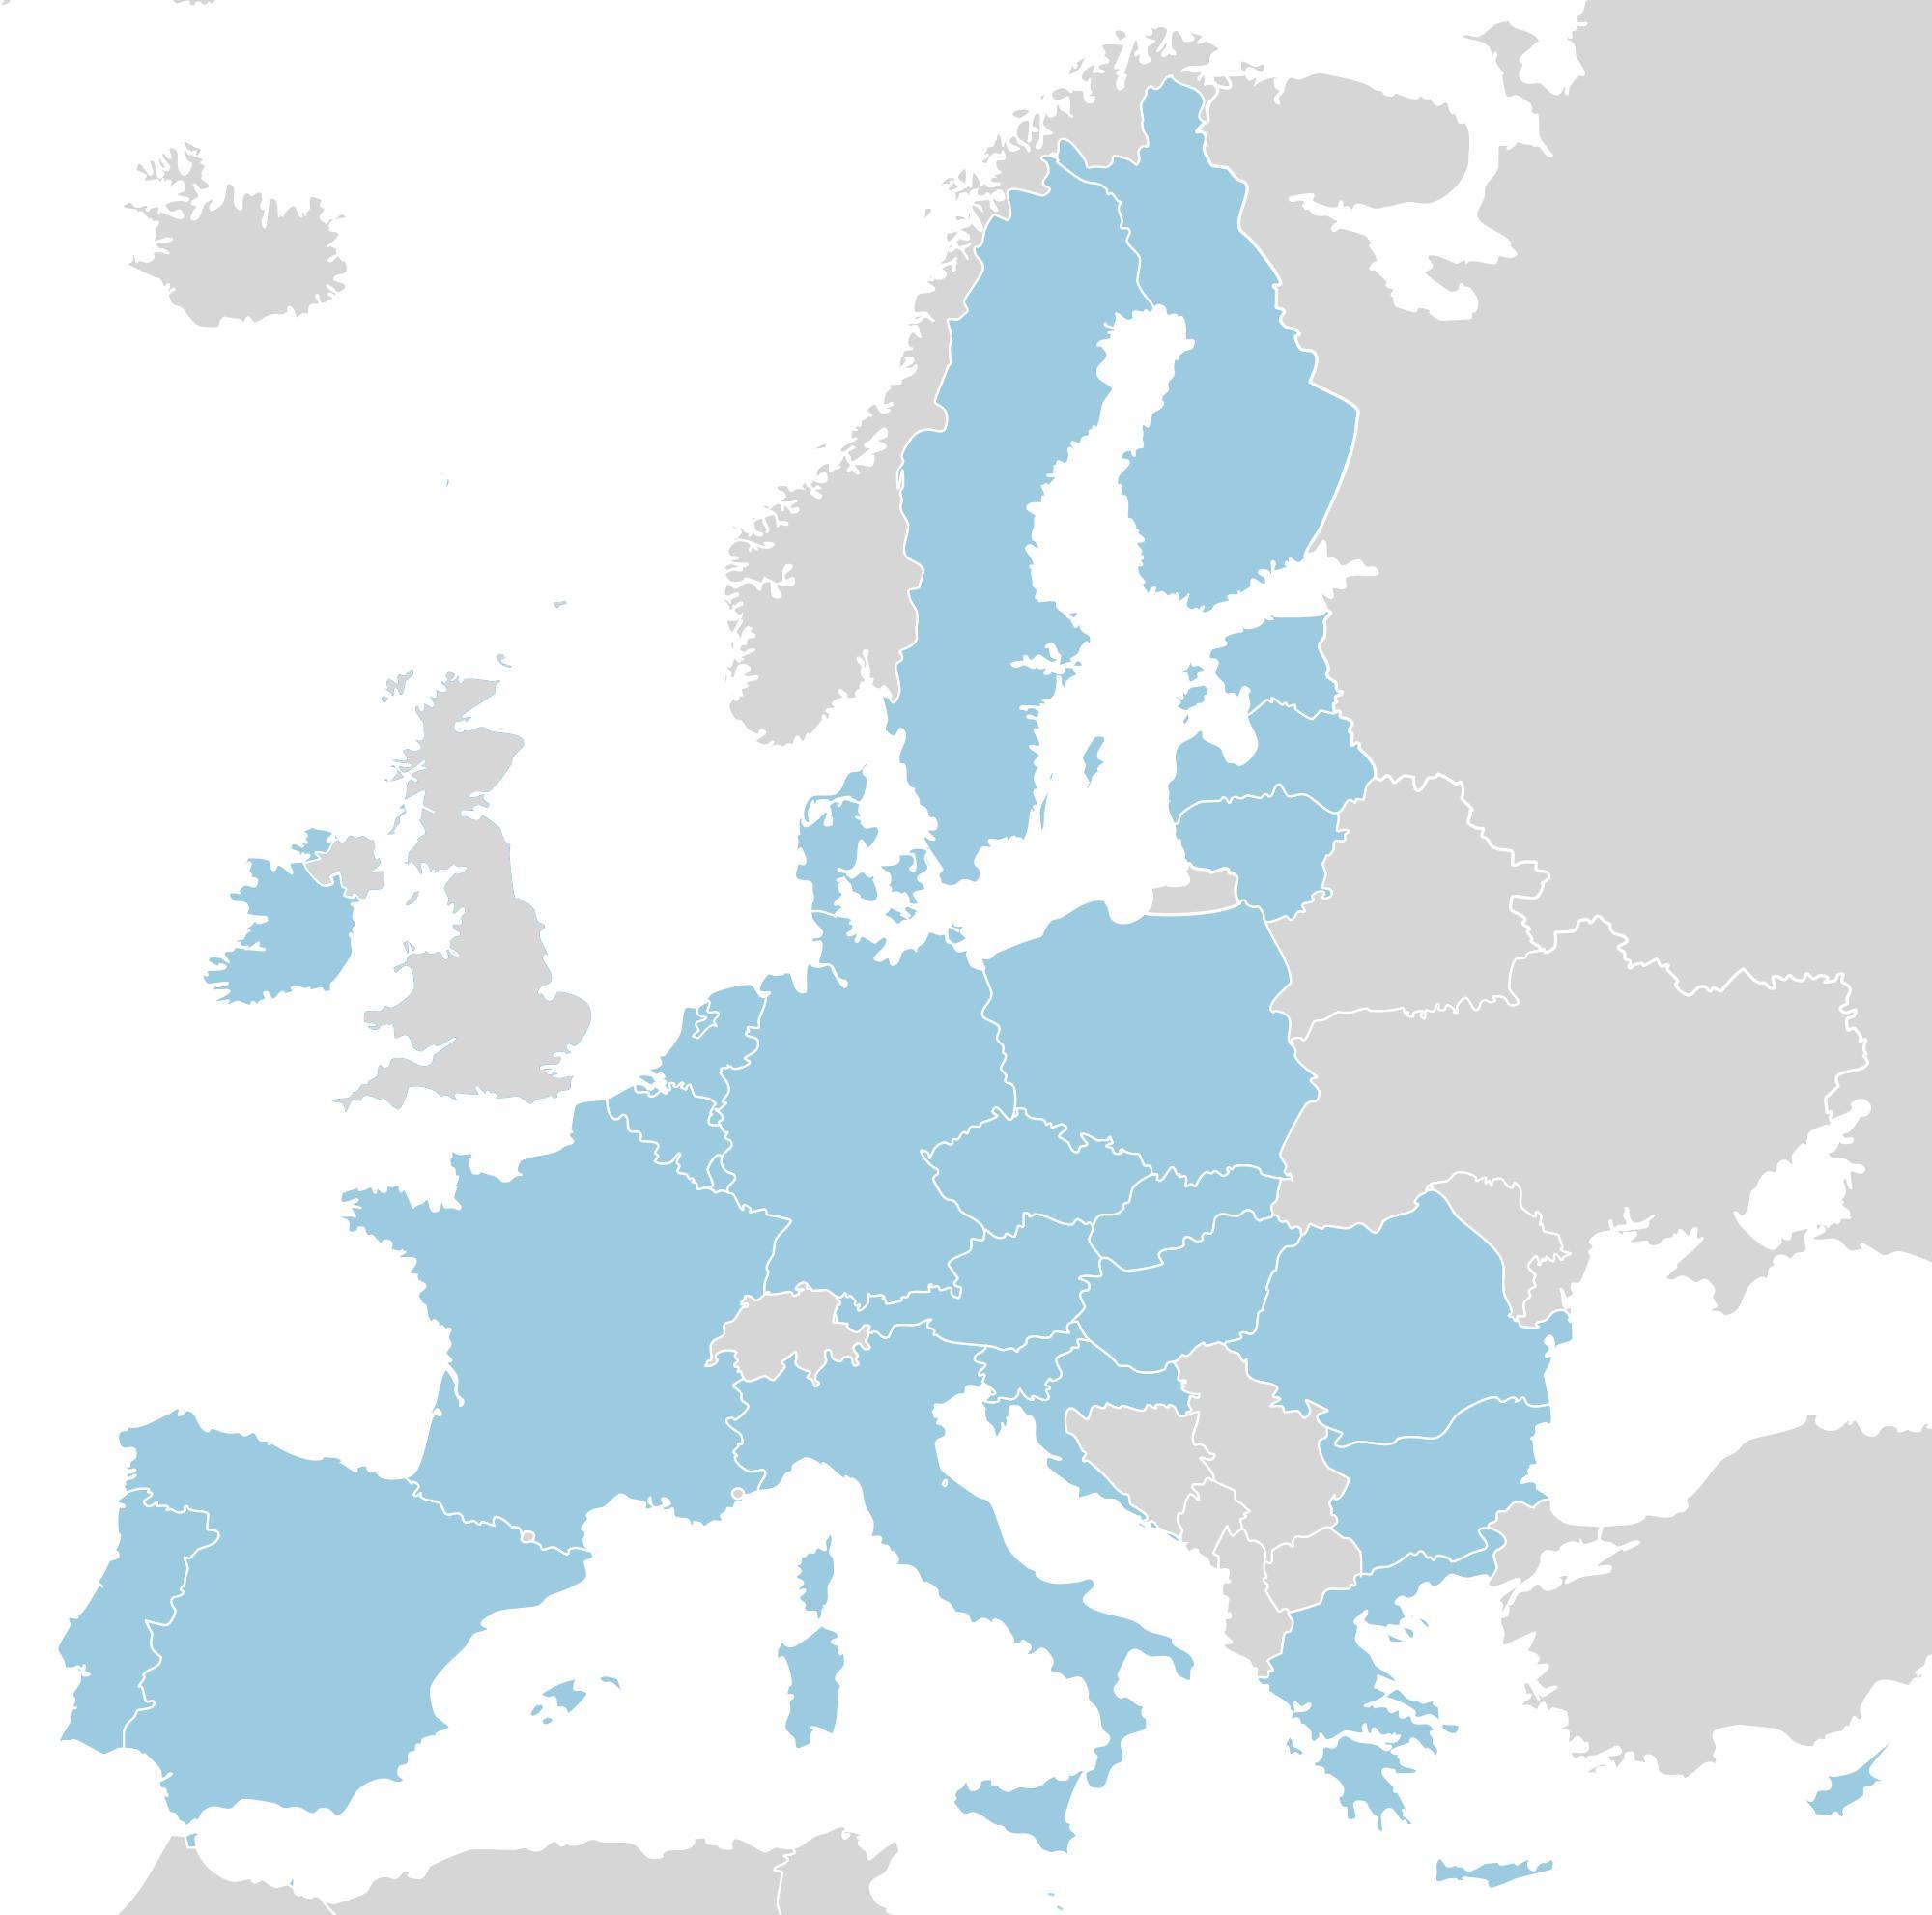 eu térkép Egyesült KIRÁLYSÁG eu térkép   UK, eu térkép (Észak Európában  eu térkép